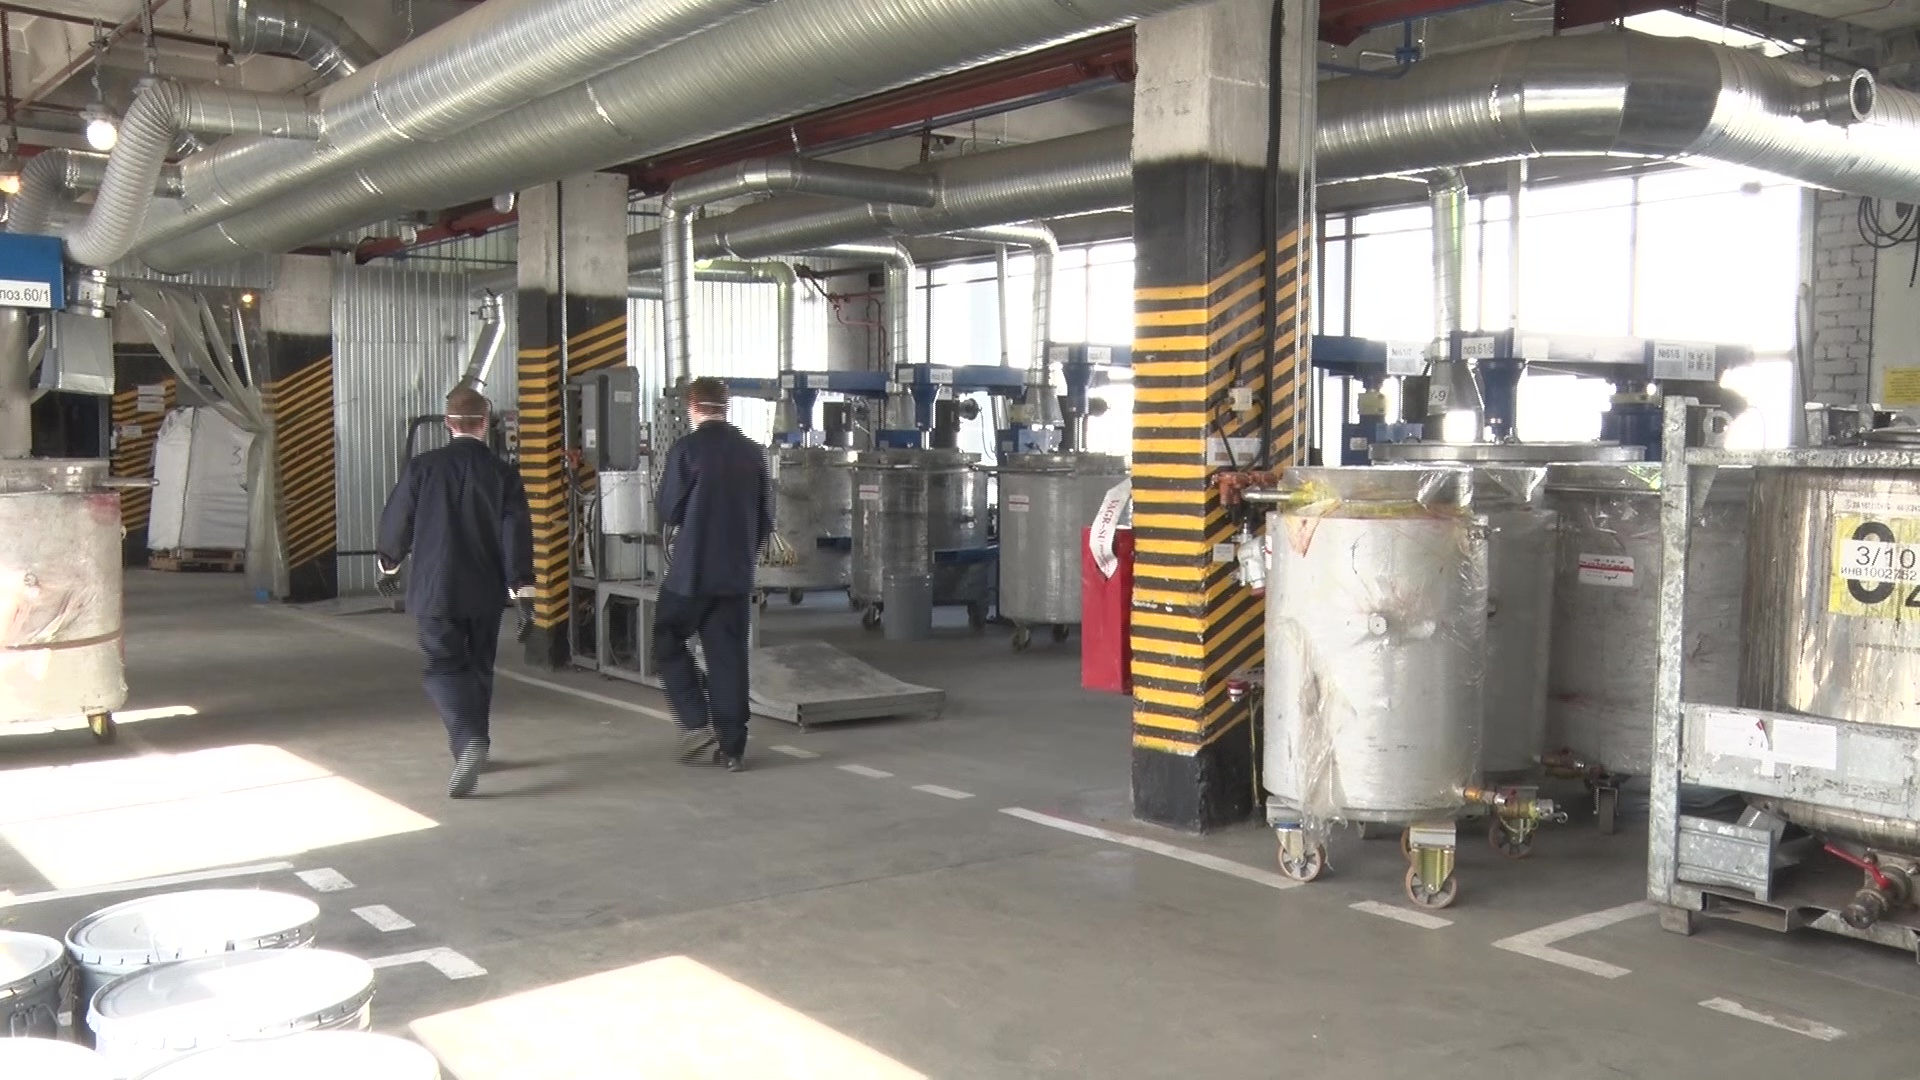 Ярославские предприятия приступили к работе в усеченном режиме с соблюдением мер безопасности